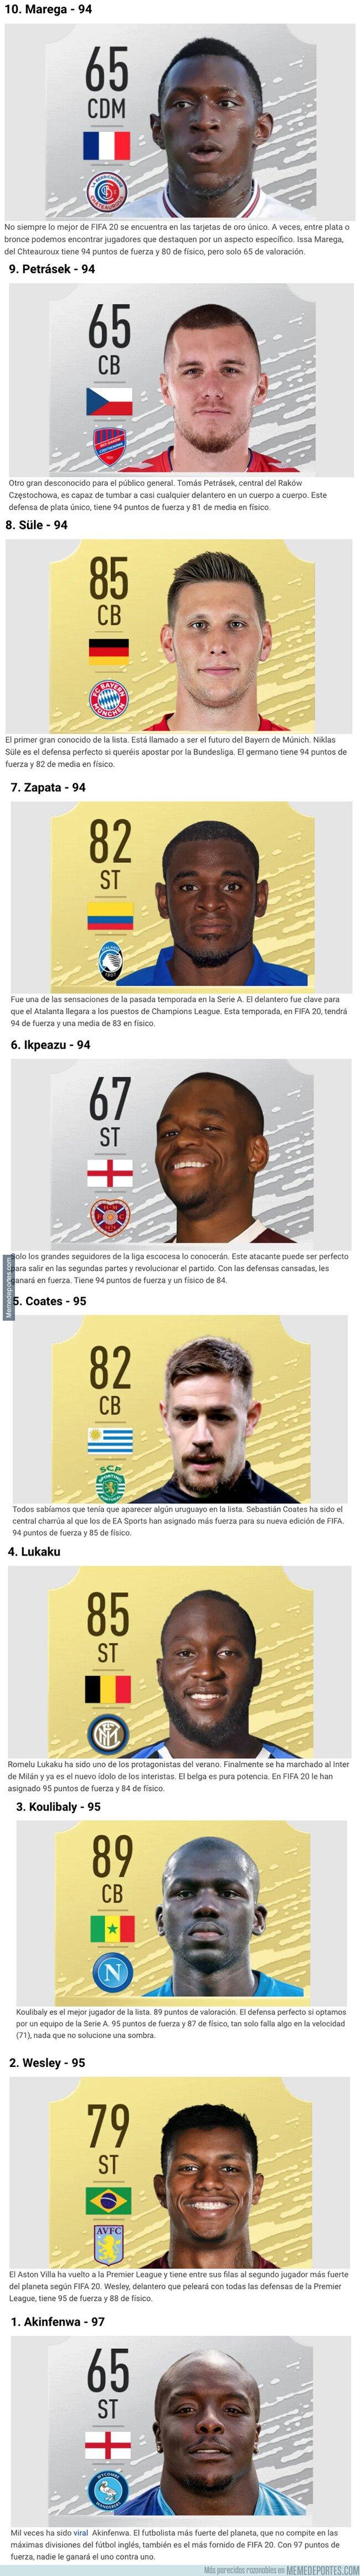 1085992 - Estos son los jugadores más fuertes que hay en FIFA 20